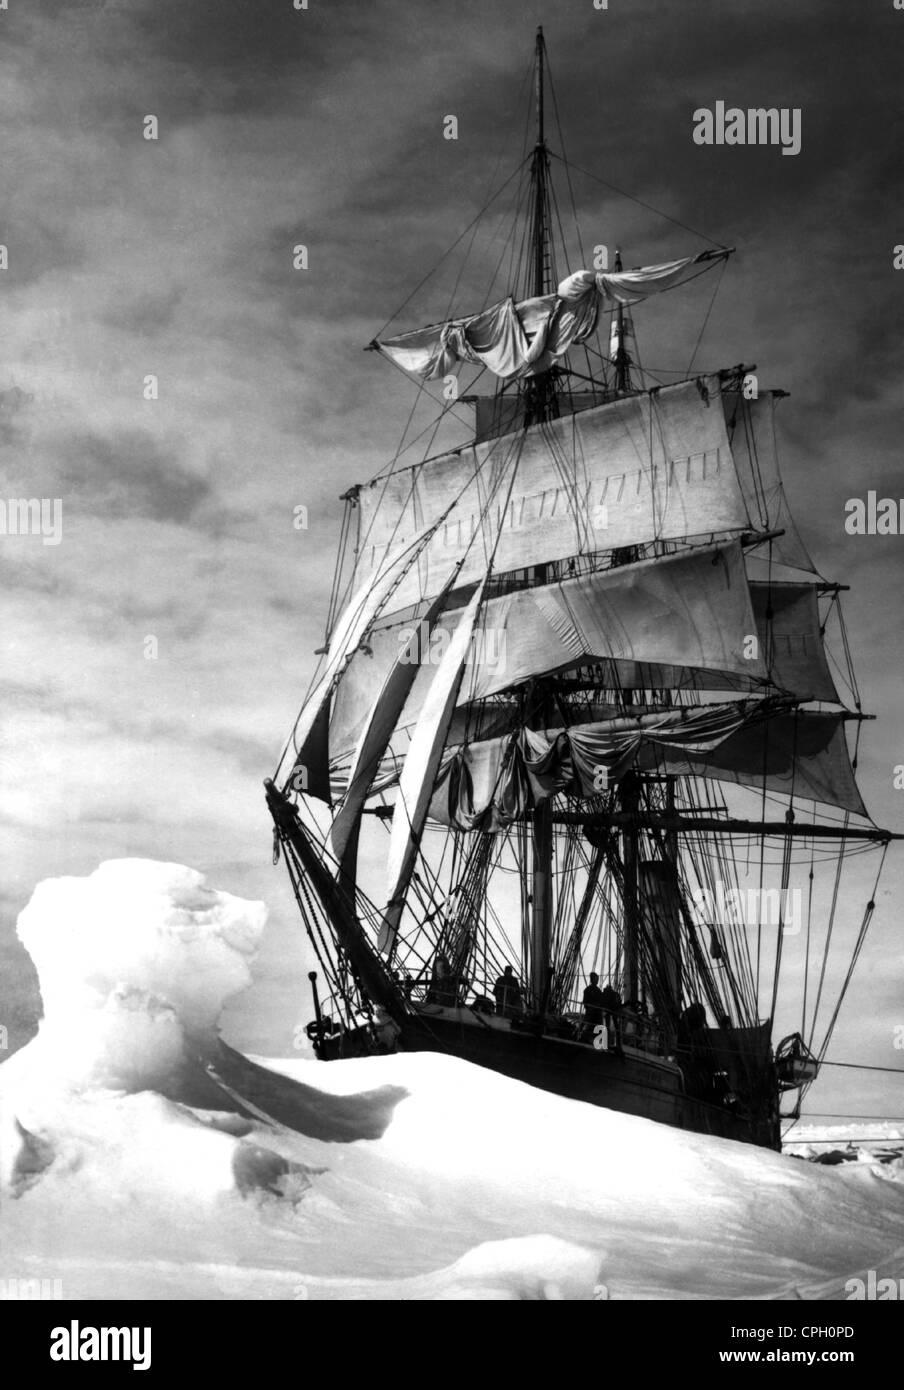 Scott, Robert Falcon, 6.6.1868 - 29.3.1912, Britische Antarktis, Expedition in die Antarktis 1910 - 1912, sein Schiff Stockbild